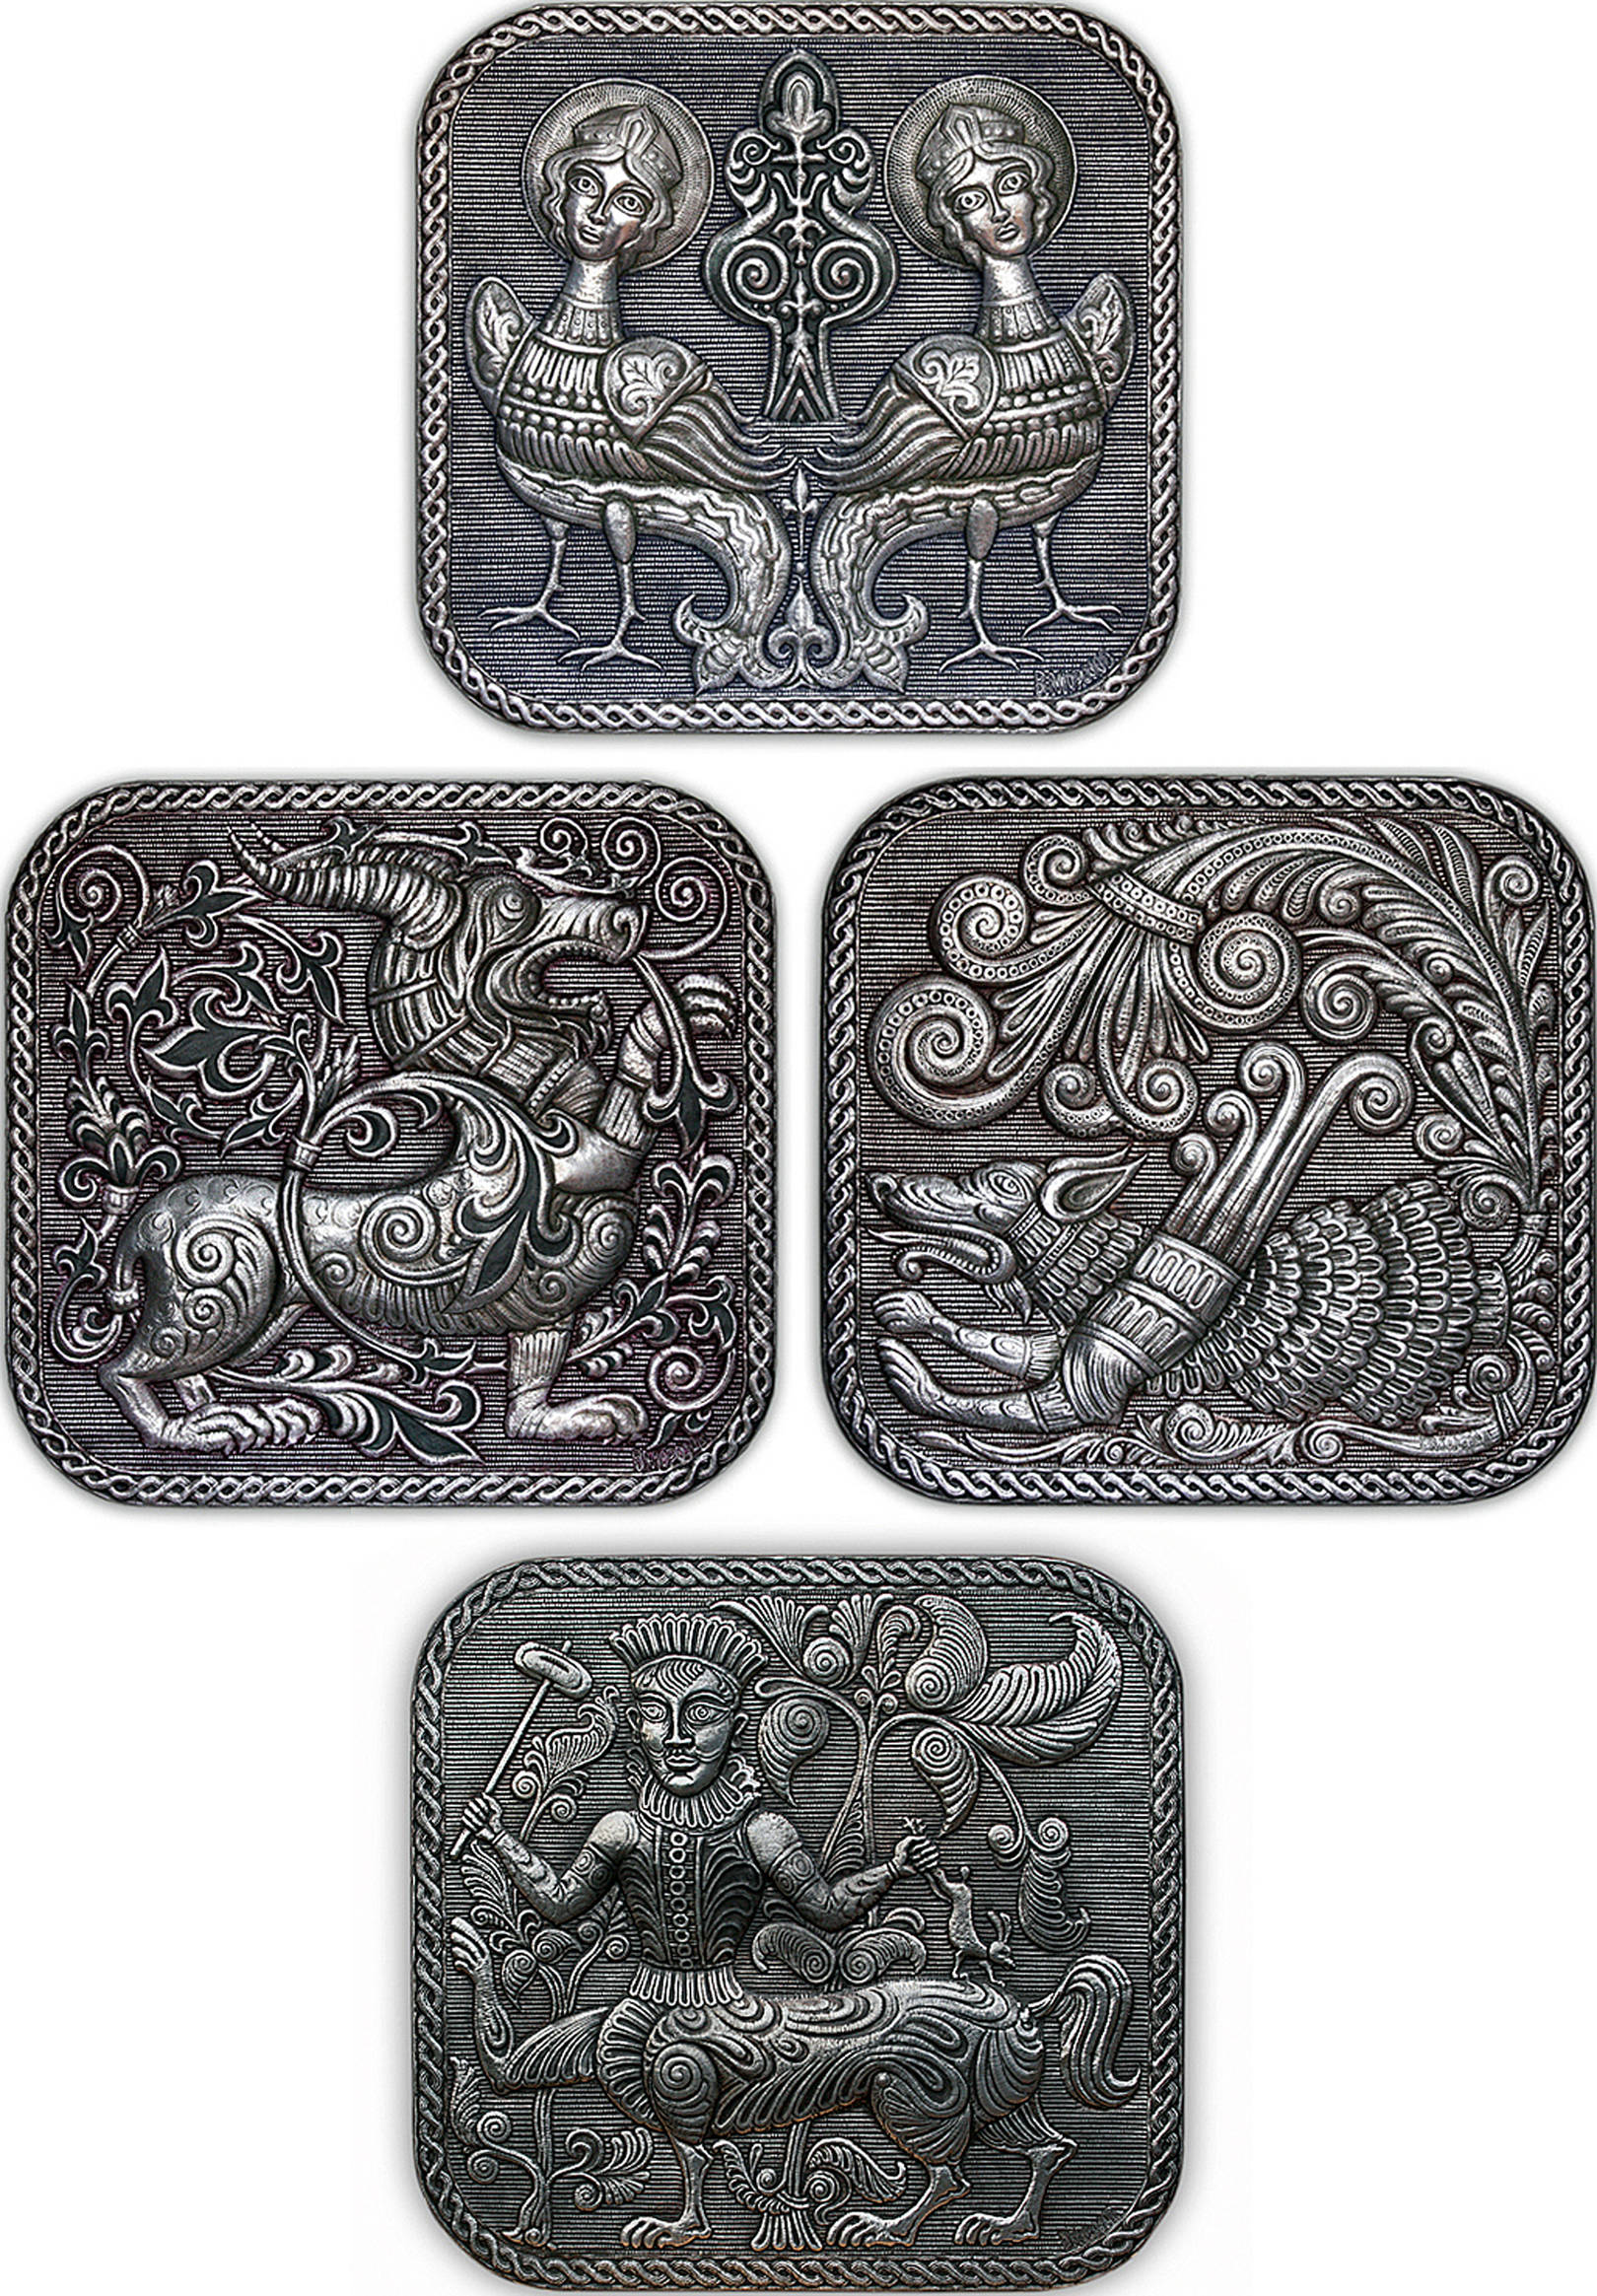 Русские древности (серия панно) 2005; 2011 г.г. Алюминий; чернение, масло